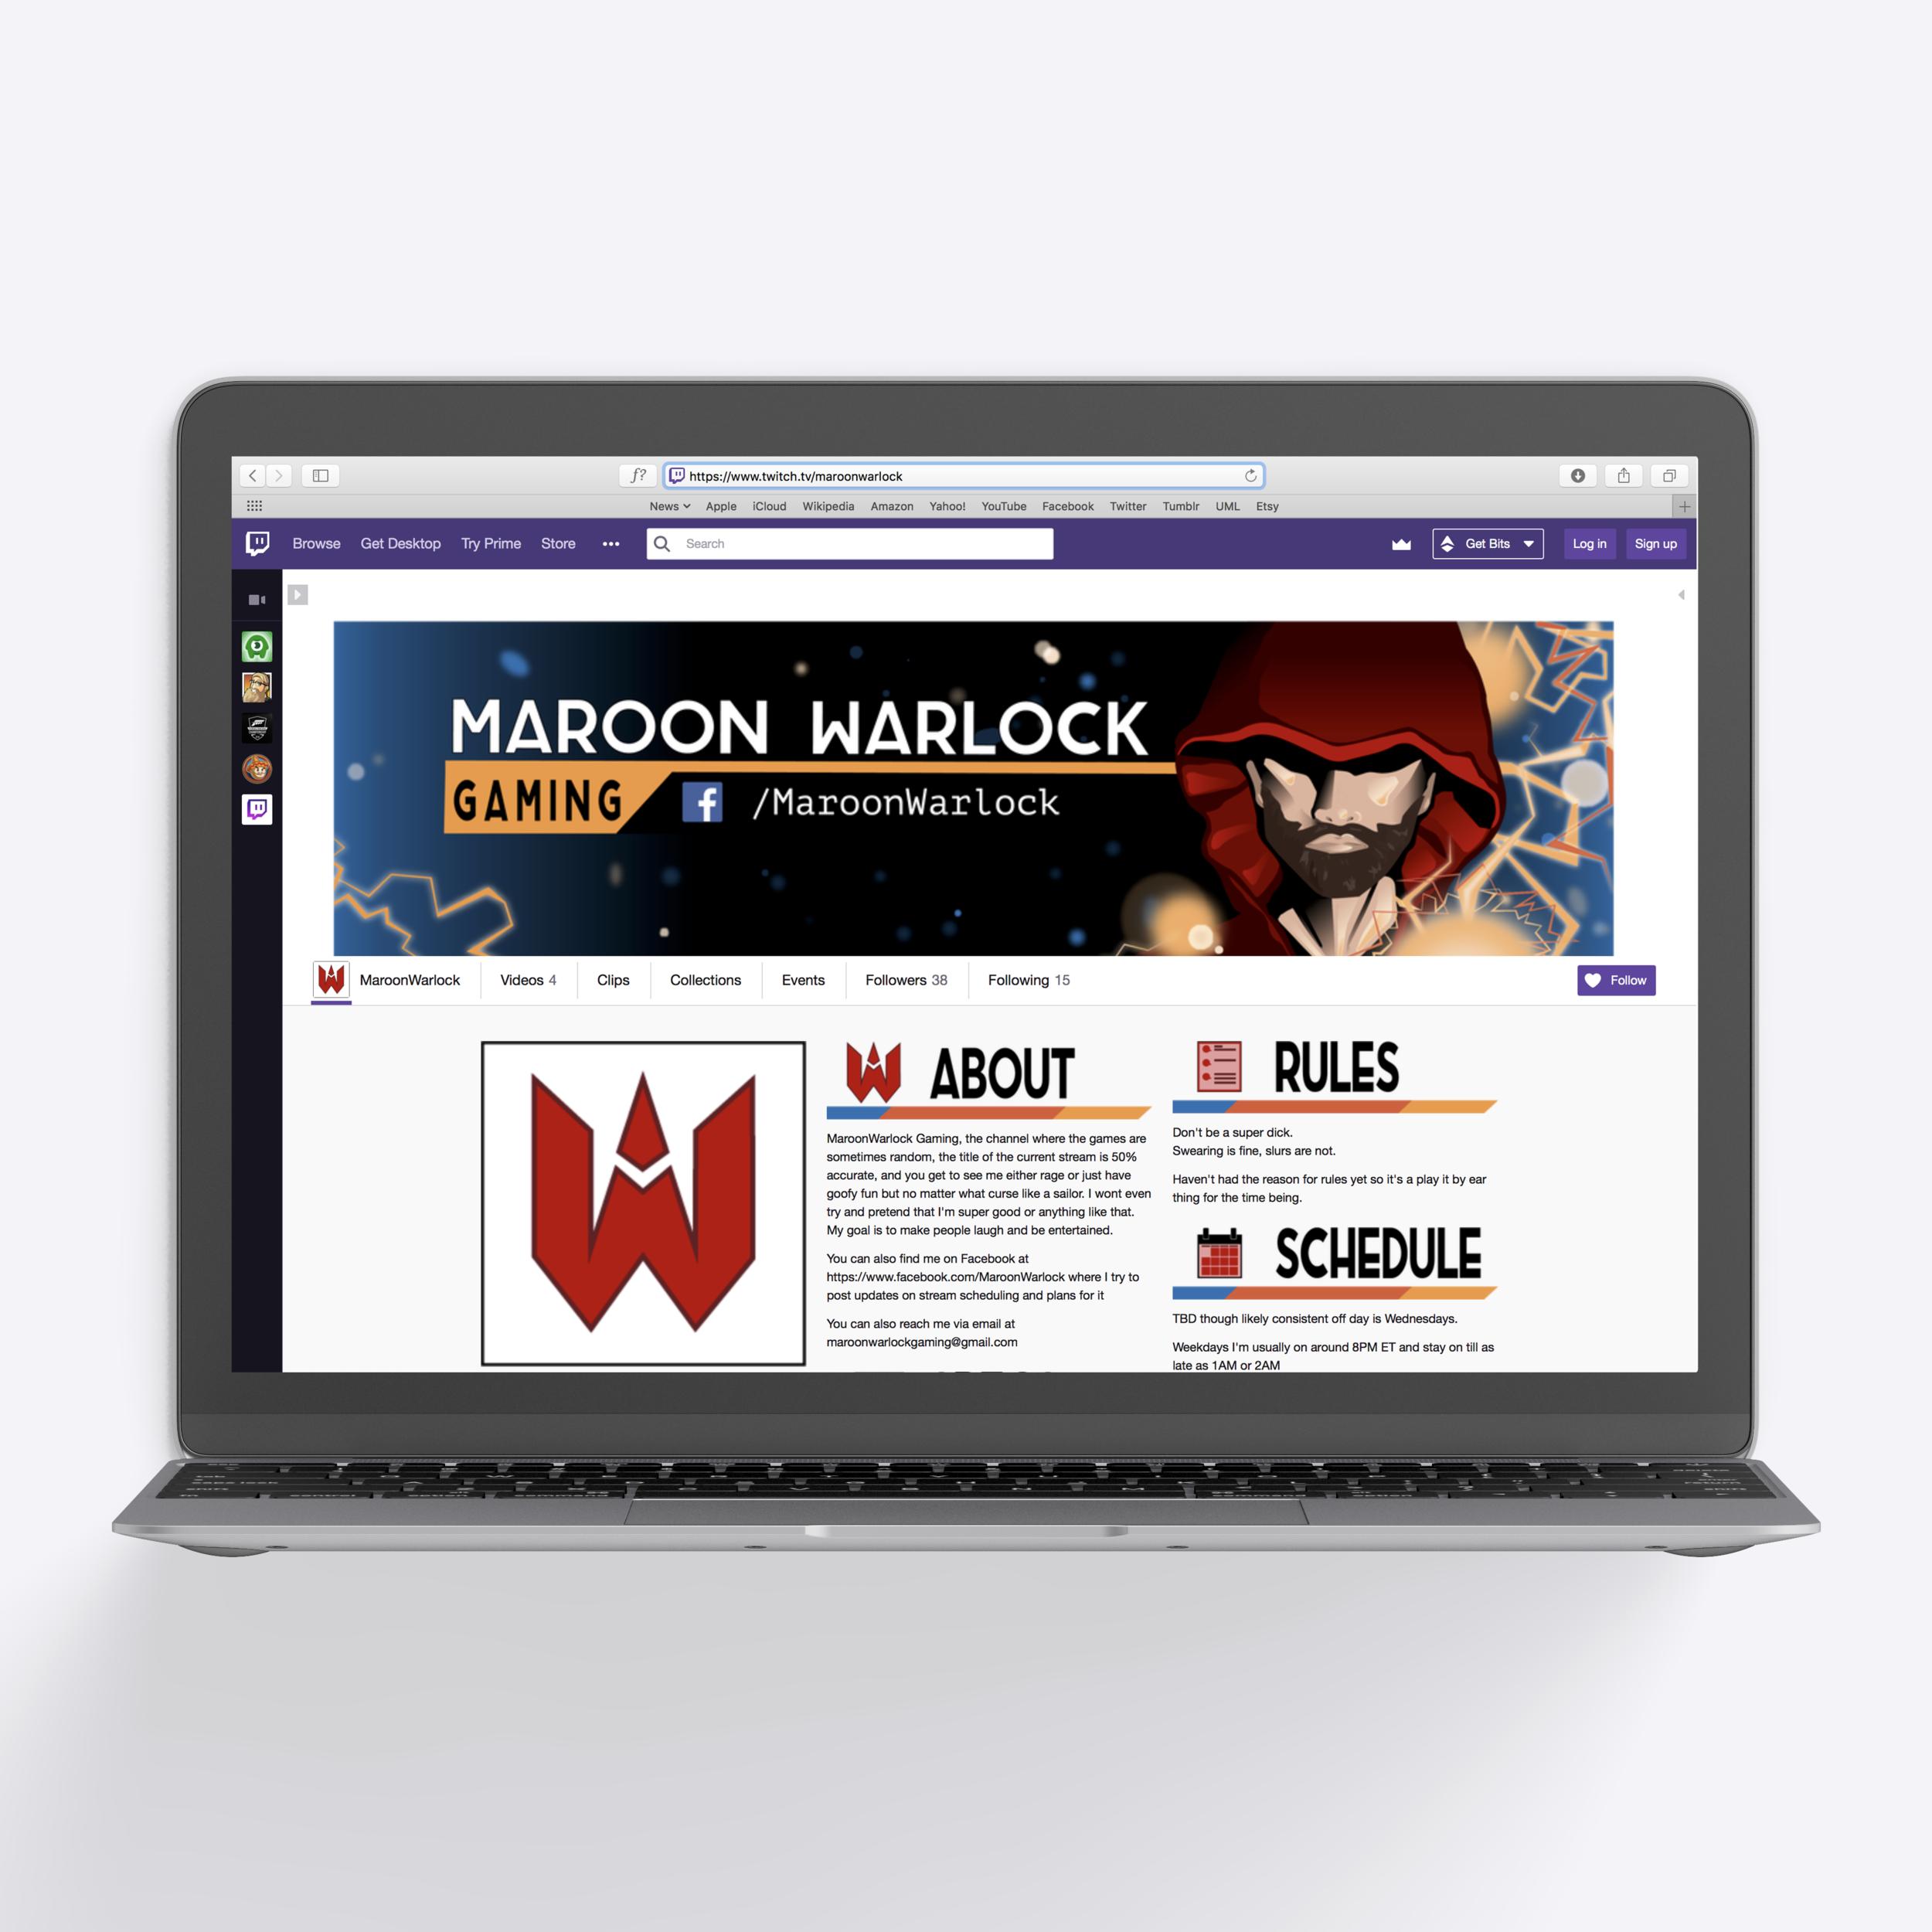 MW_LaptopScreenshot.png